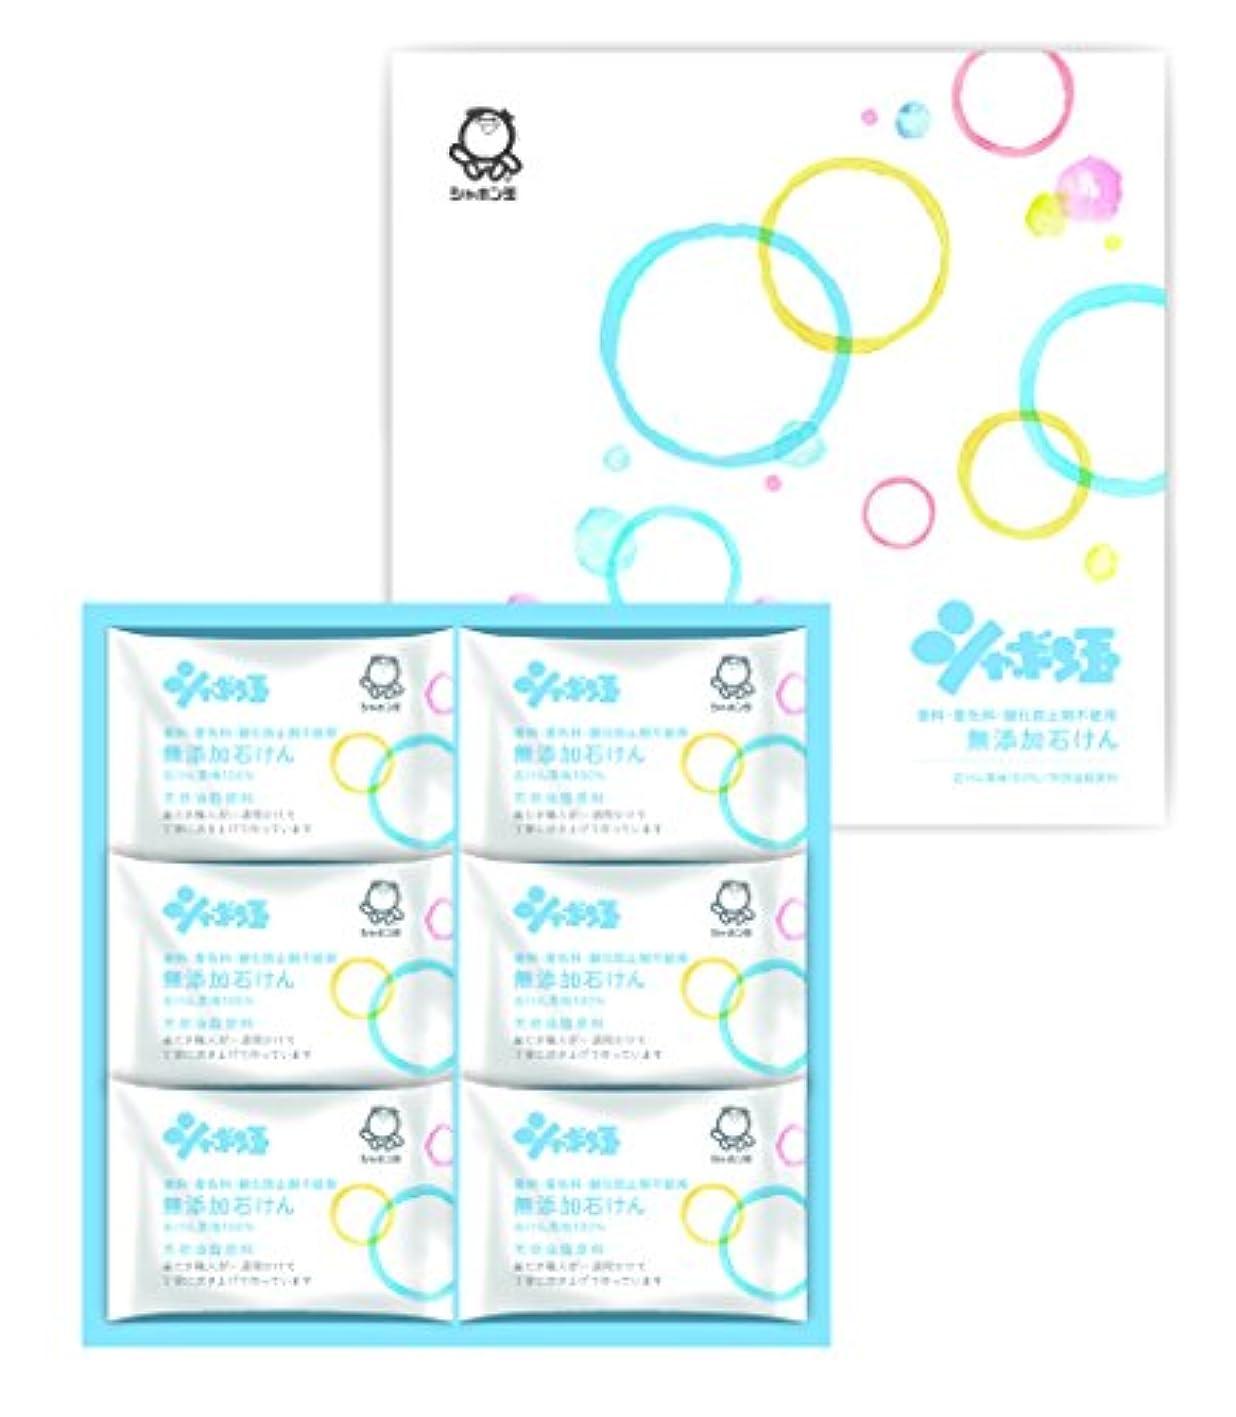 アートインペリアル統治する【ギフトセット】 シャボン玉無添加石鹸ギフトセット SMG-10B